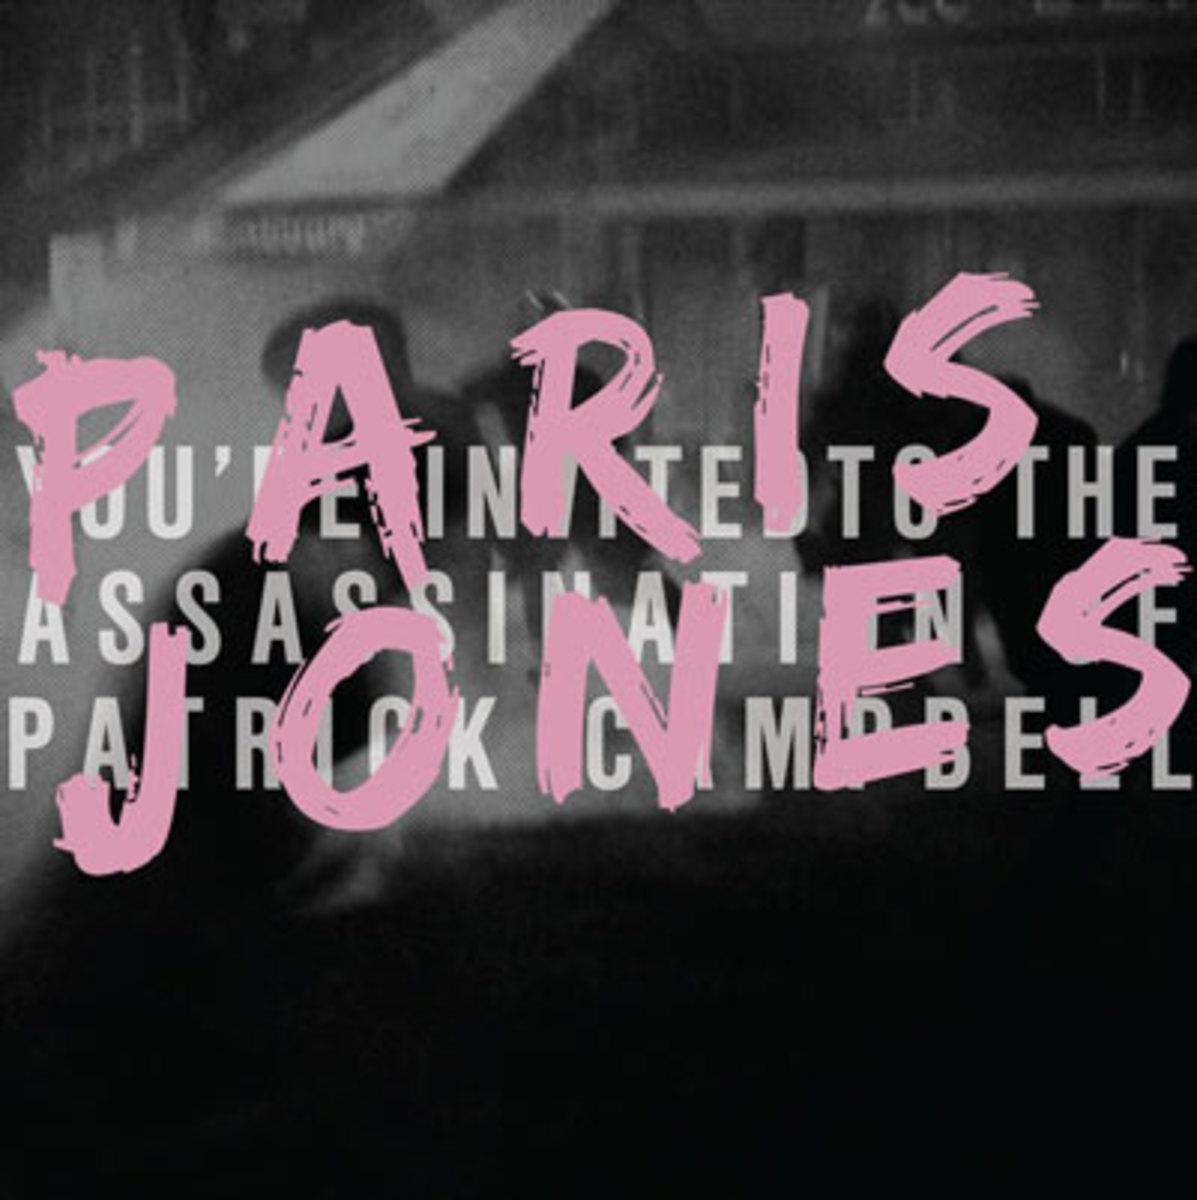 parisjones-youreinvited.jpg